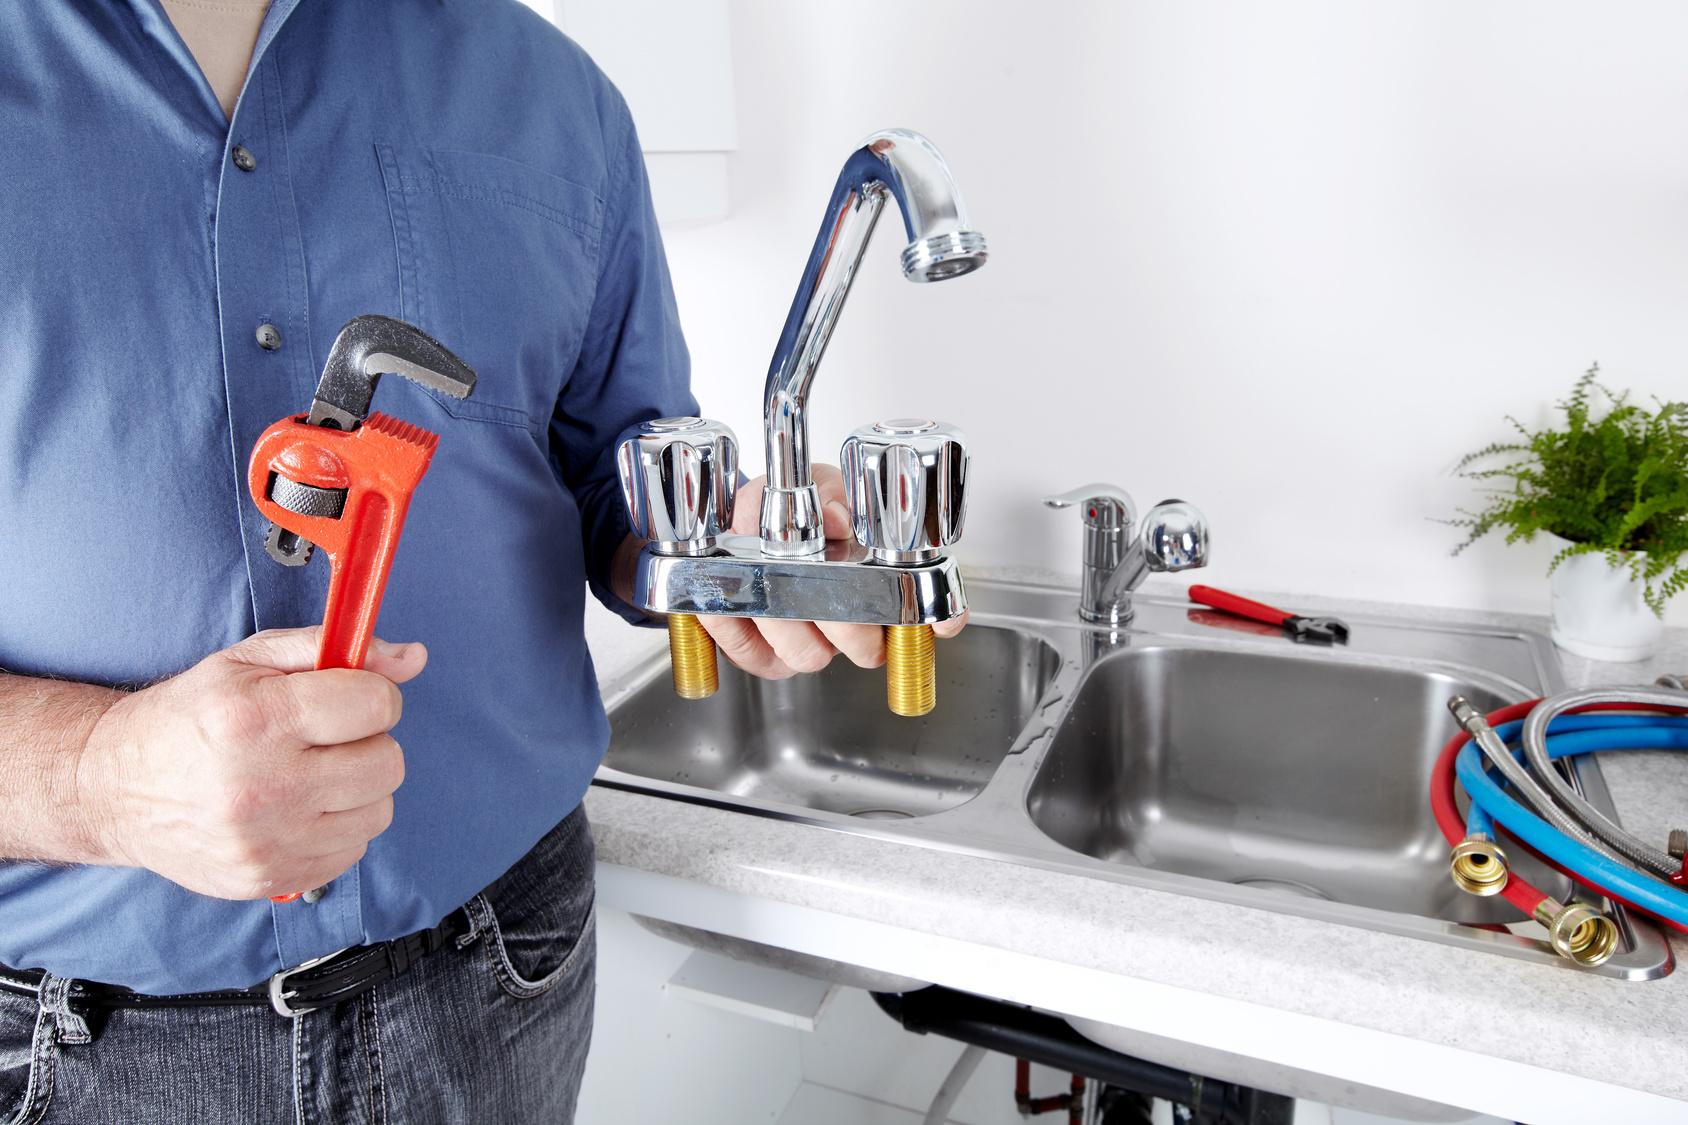 как поменять смеситель на кухне своими руками